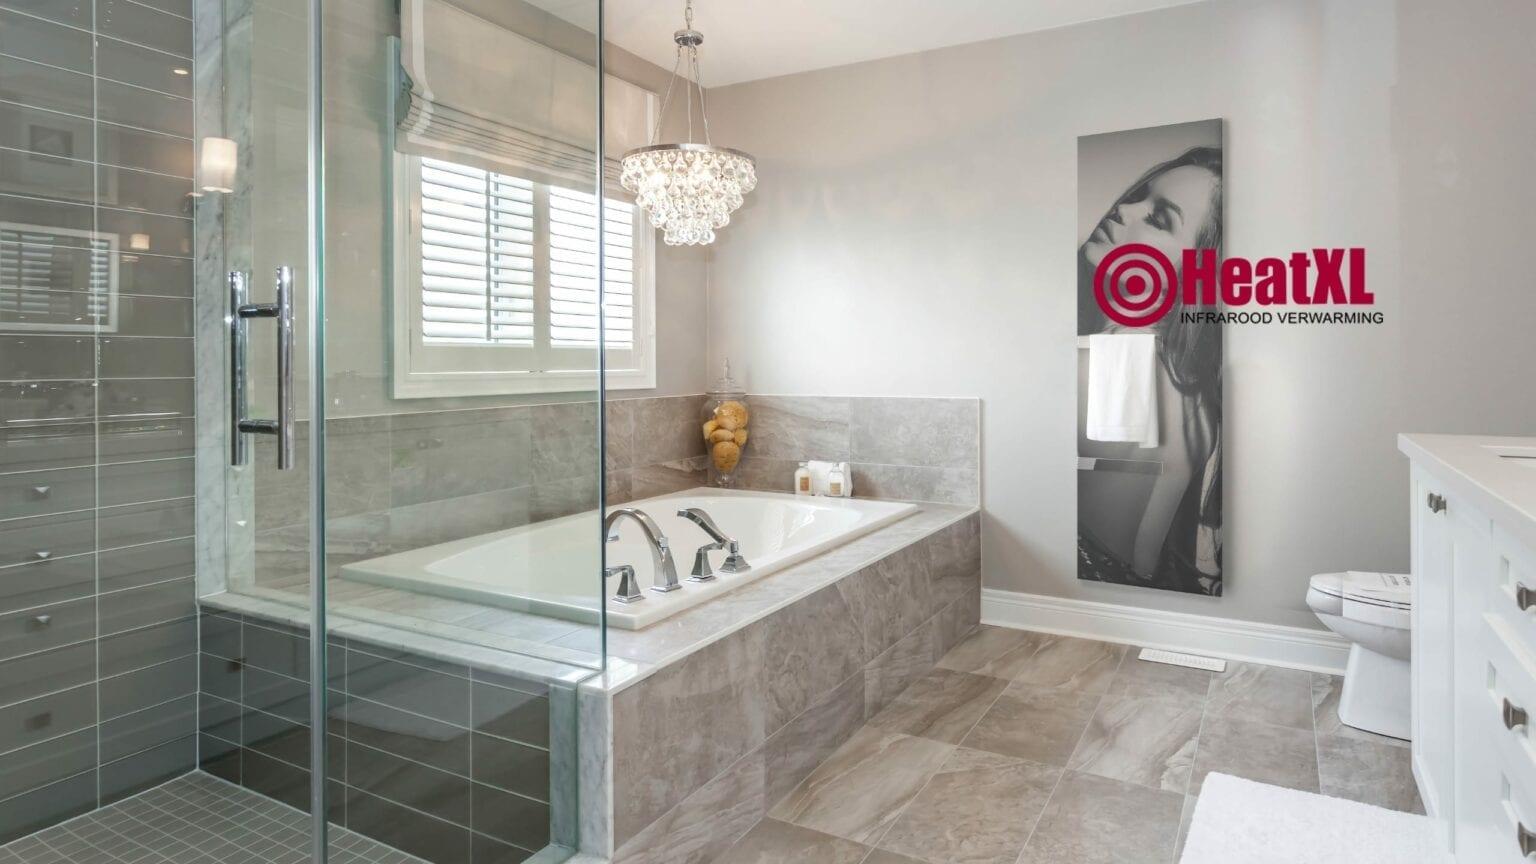 Handdoekdroger infraroodpaneel met foto in badkamer bijverwarming